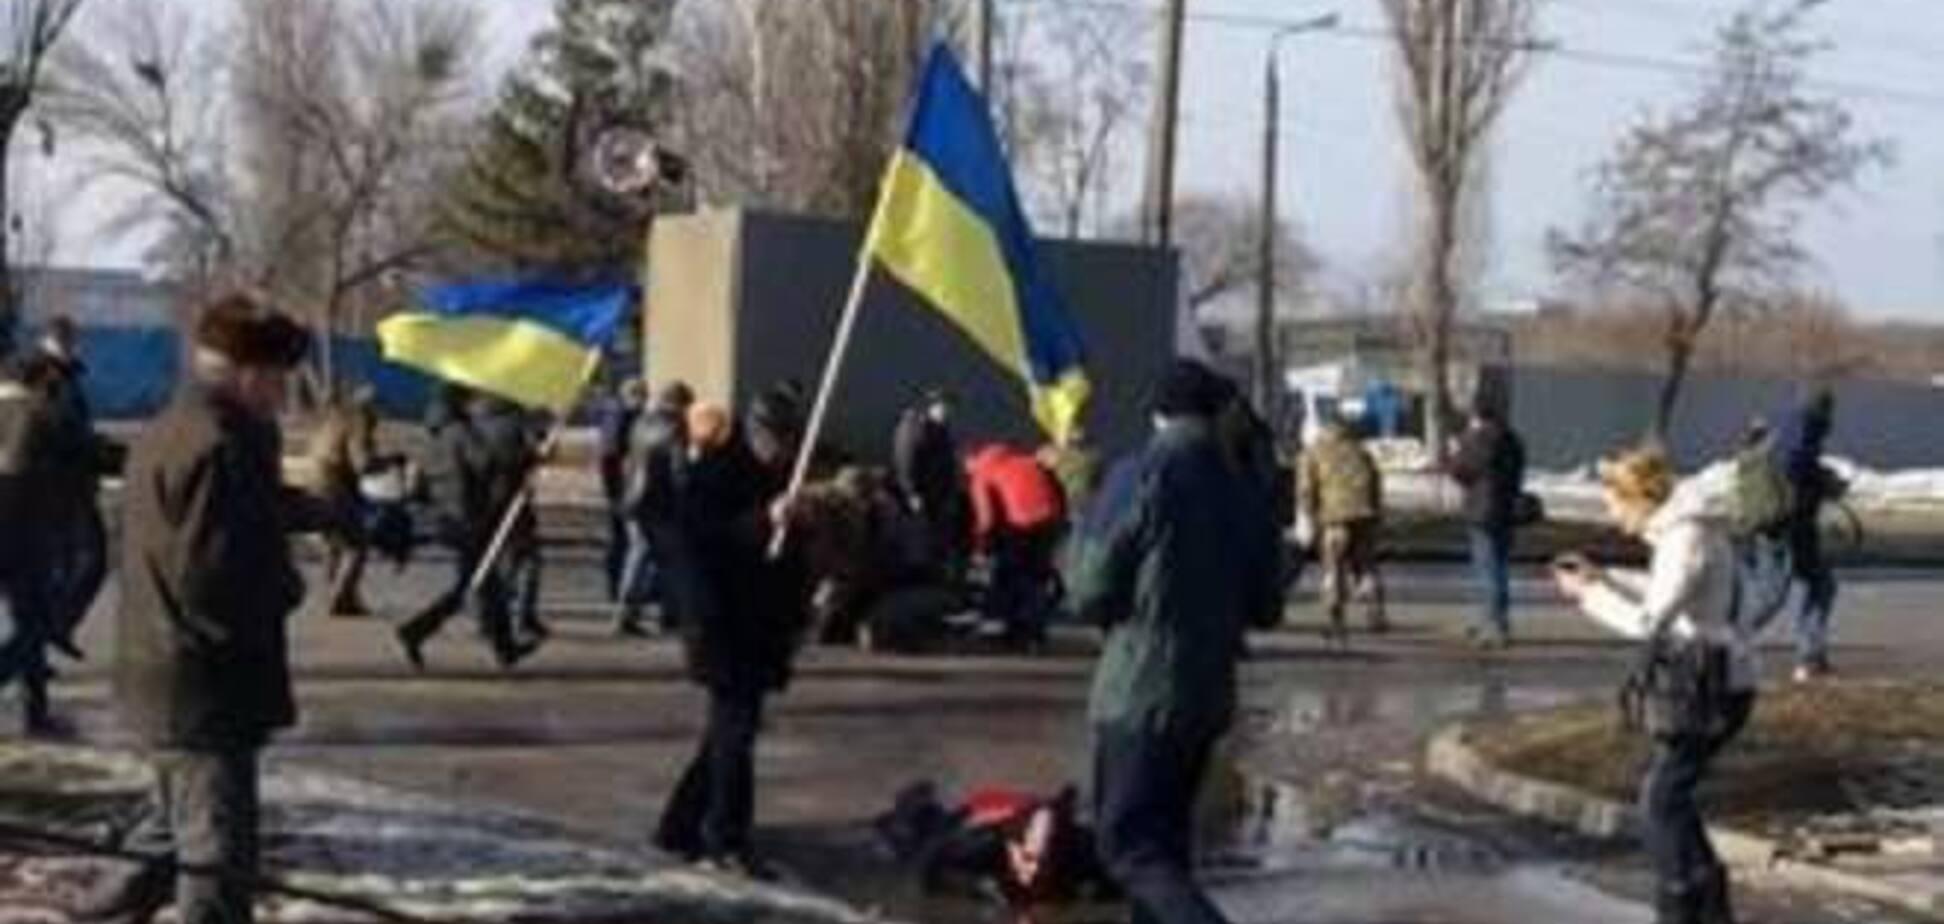 Экс-сотрудник СБУ рассказал, при каком условии теракты в Украине закончатся через месяц